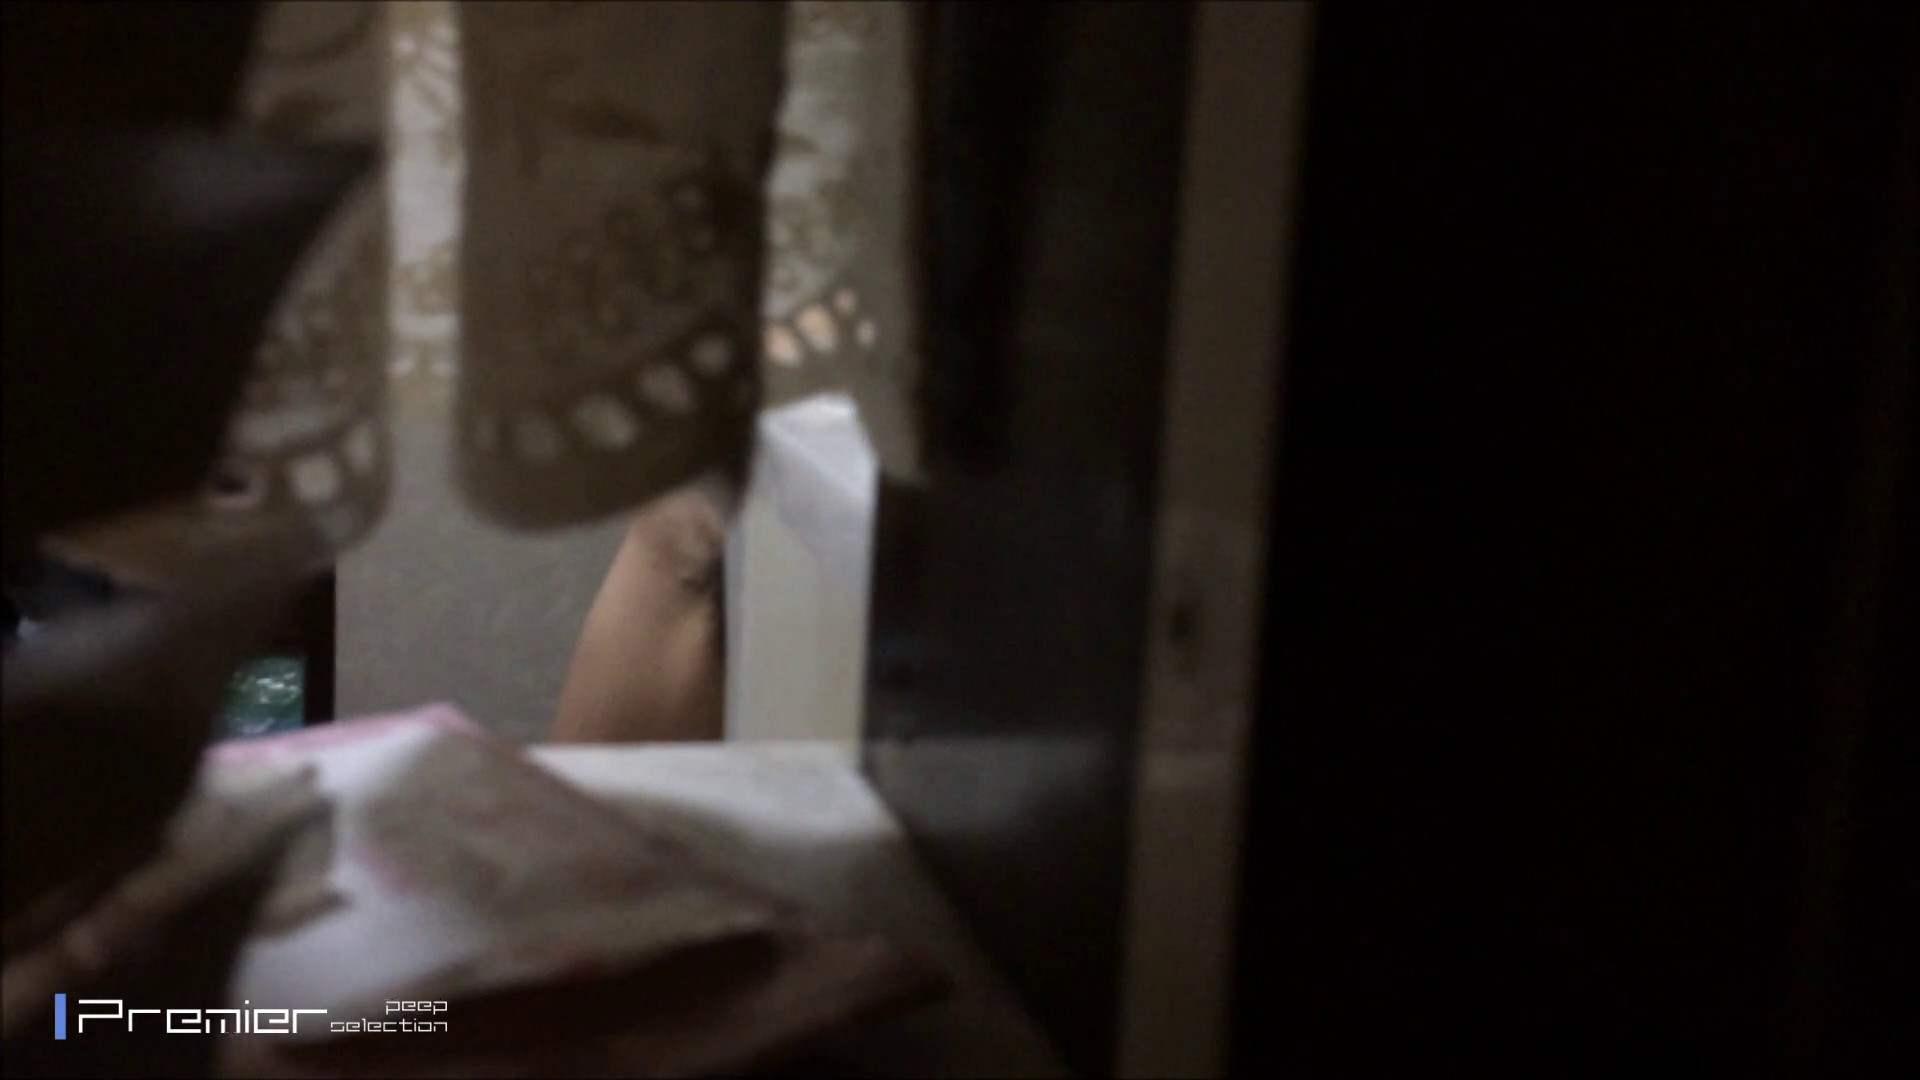 高画質フルハイビジョン スレンダー美女の入浴 乙女の風呂場 Vol.04 投稿 おまんこ動画流出 40画像 13